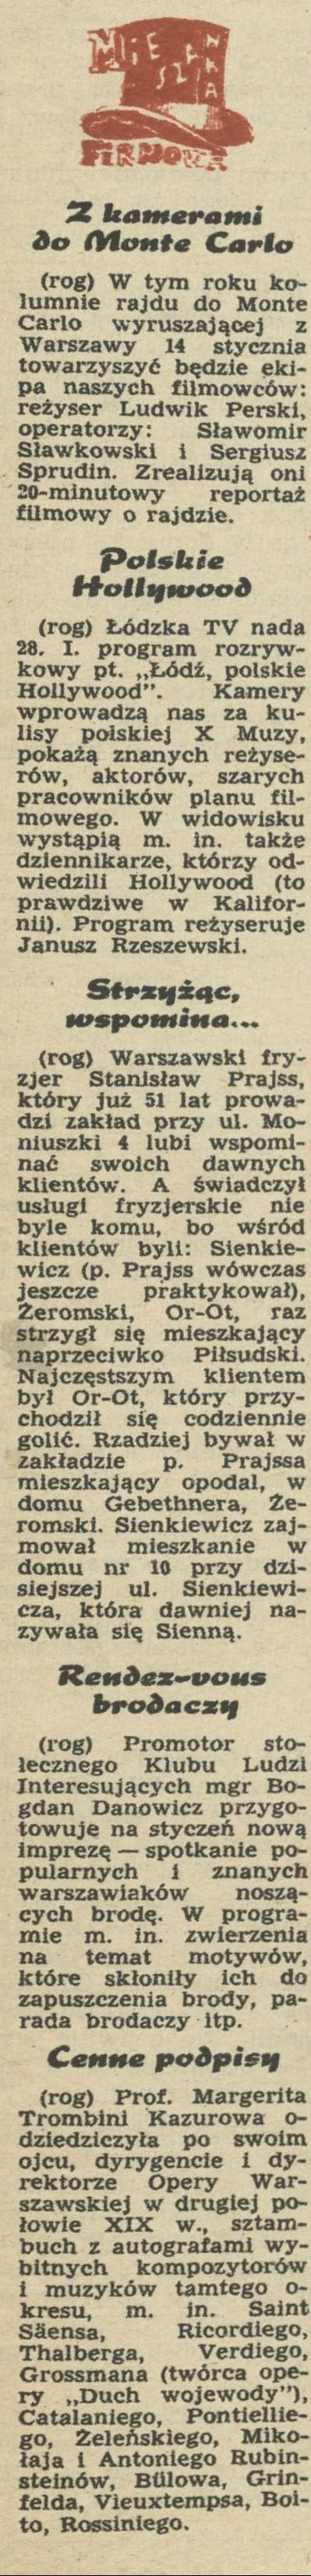 Treści z Archiwum - Kwartalnik Przekrój